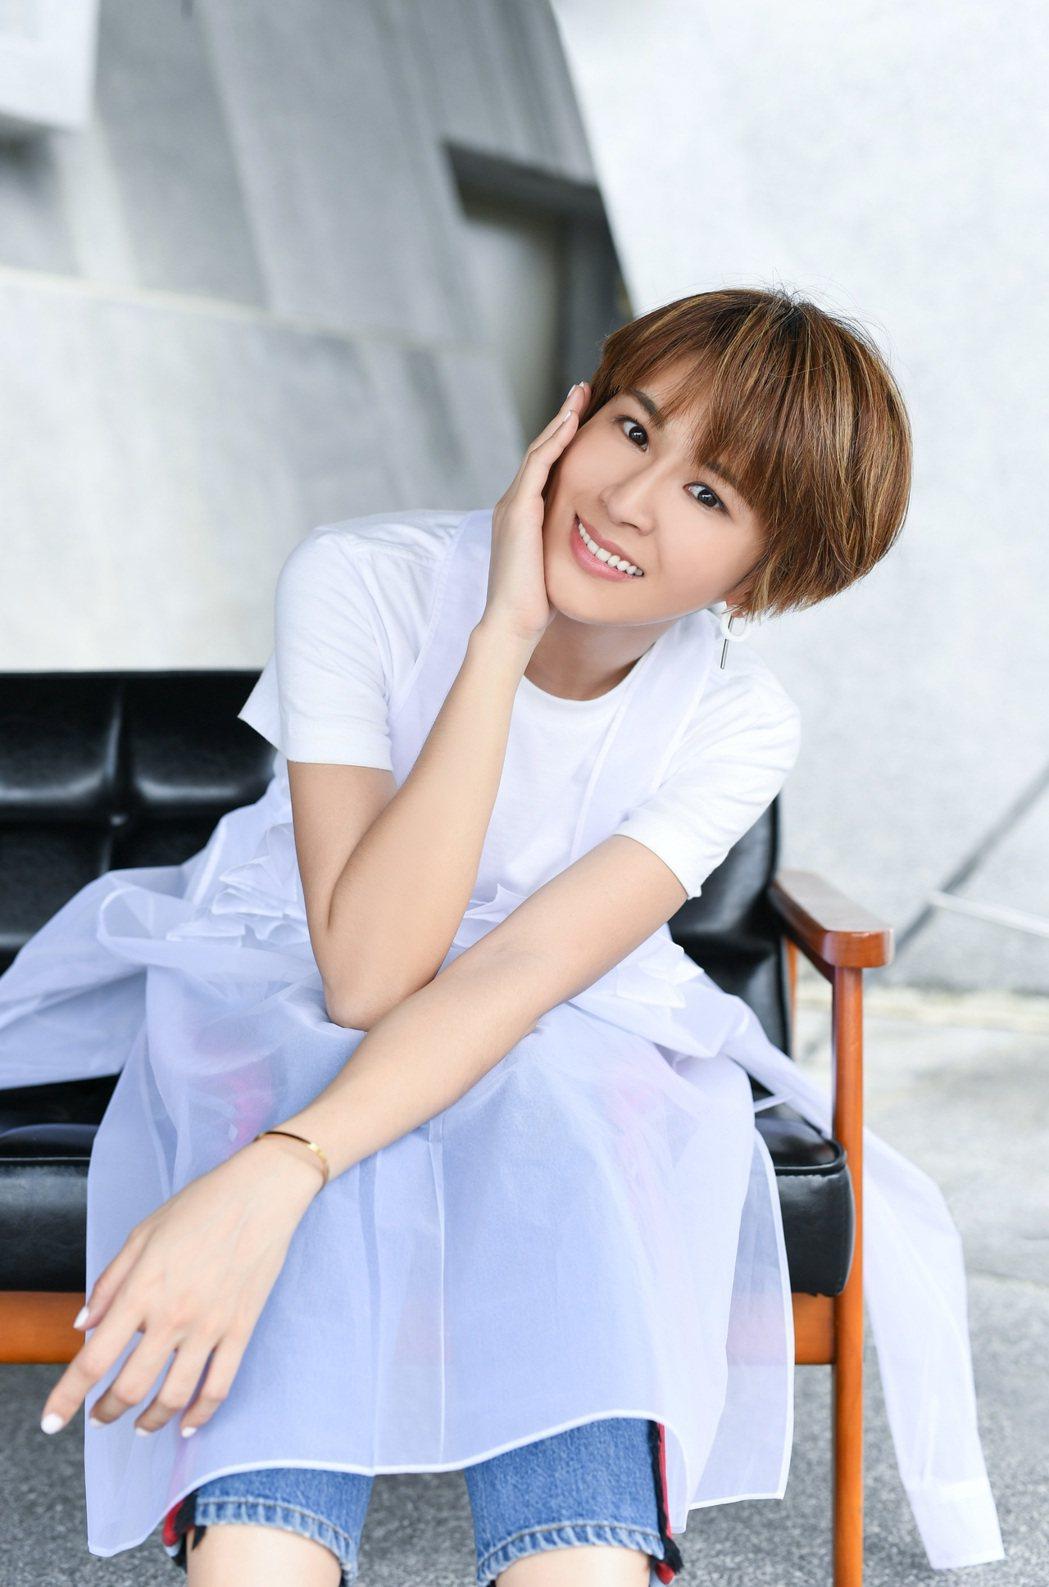 曾沛慈將推出新專輯,首波新歌「偏愛」,MV要演出內心戲。圖/福茂提供